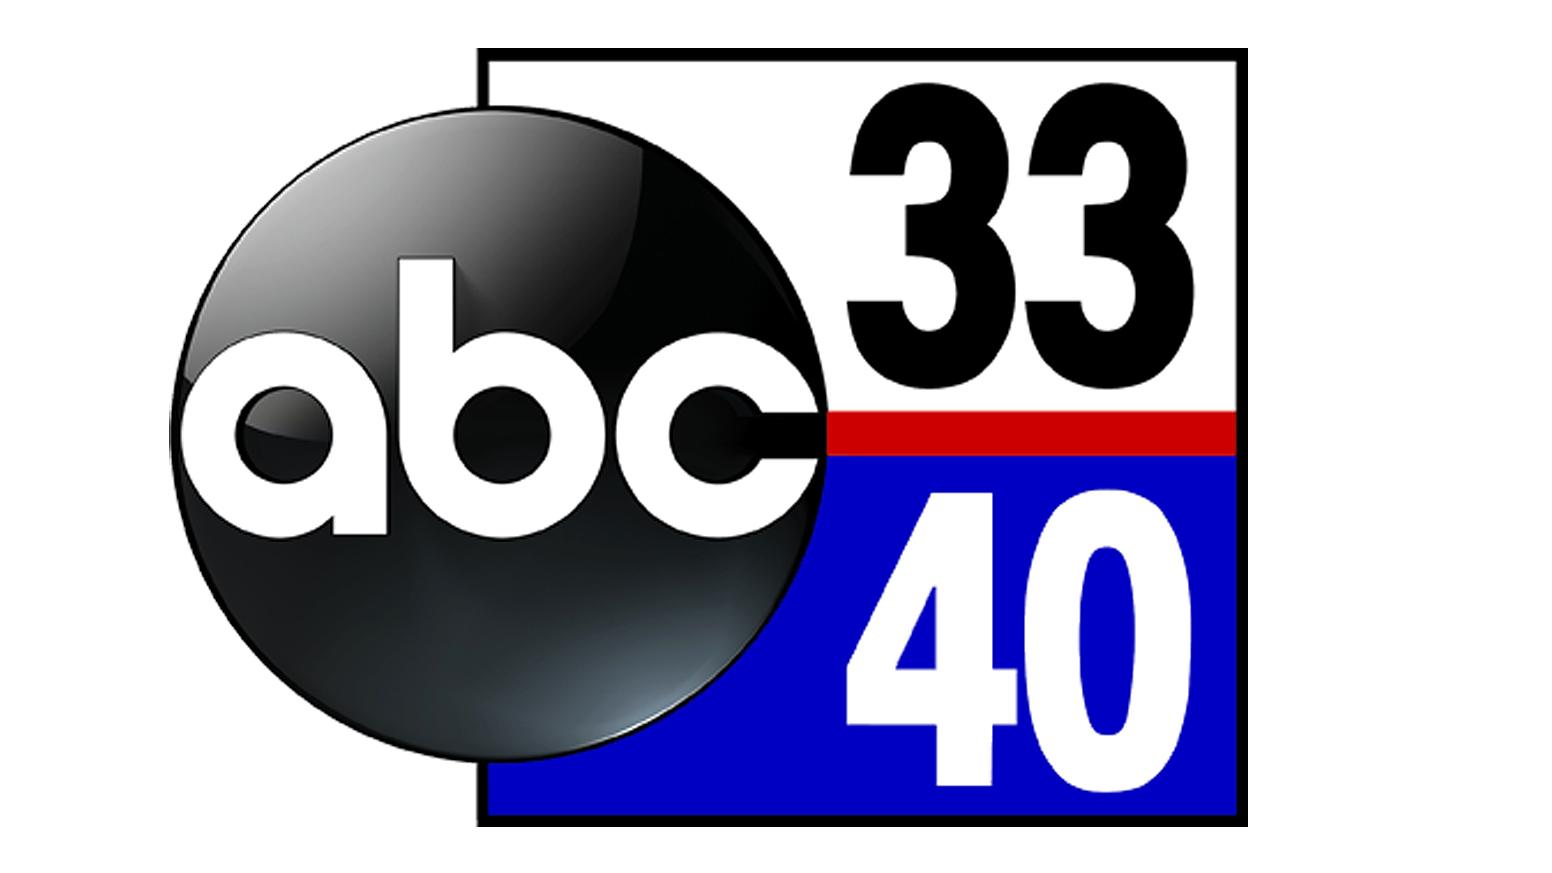 WBMA abc news local tv newsroom review